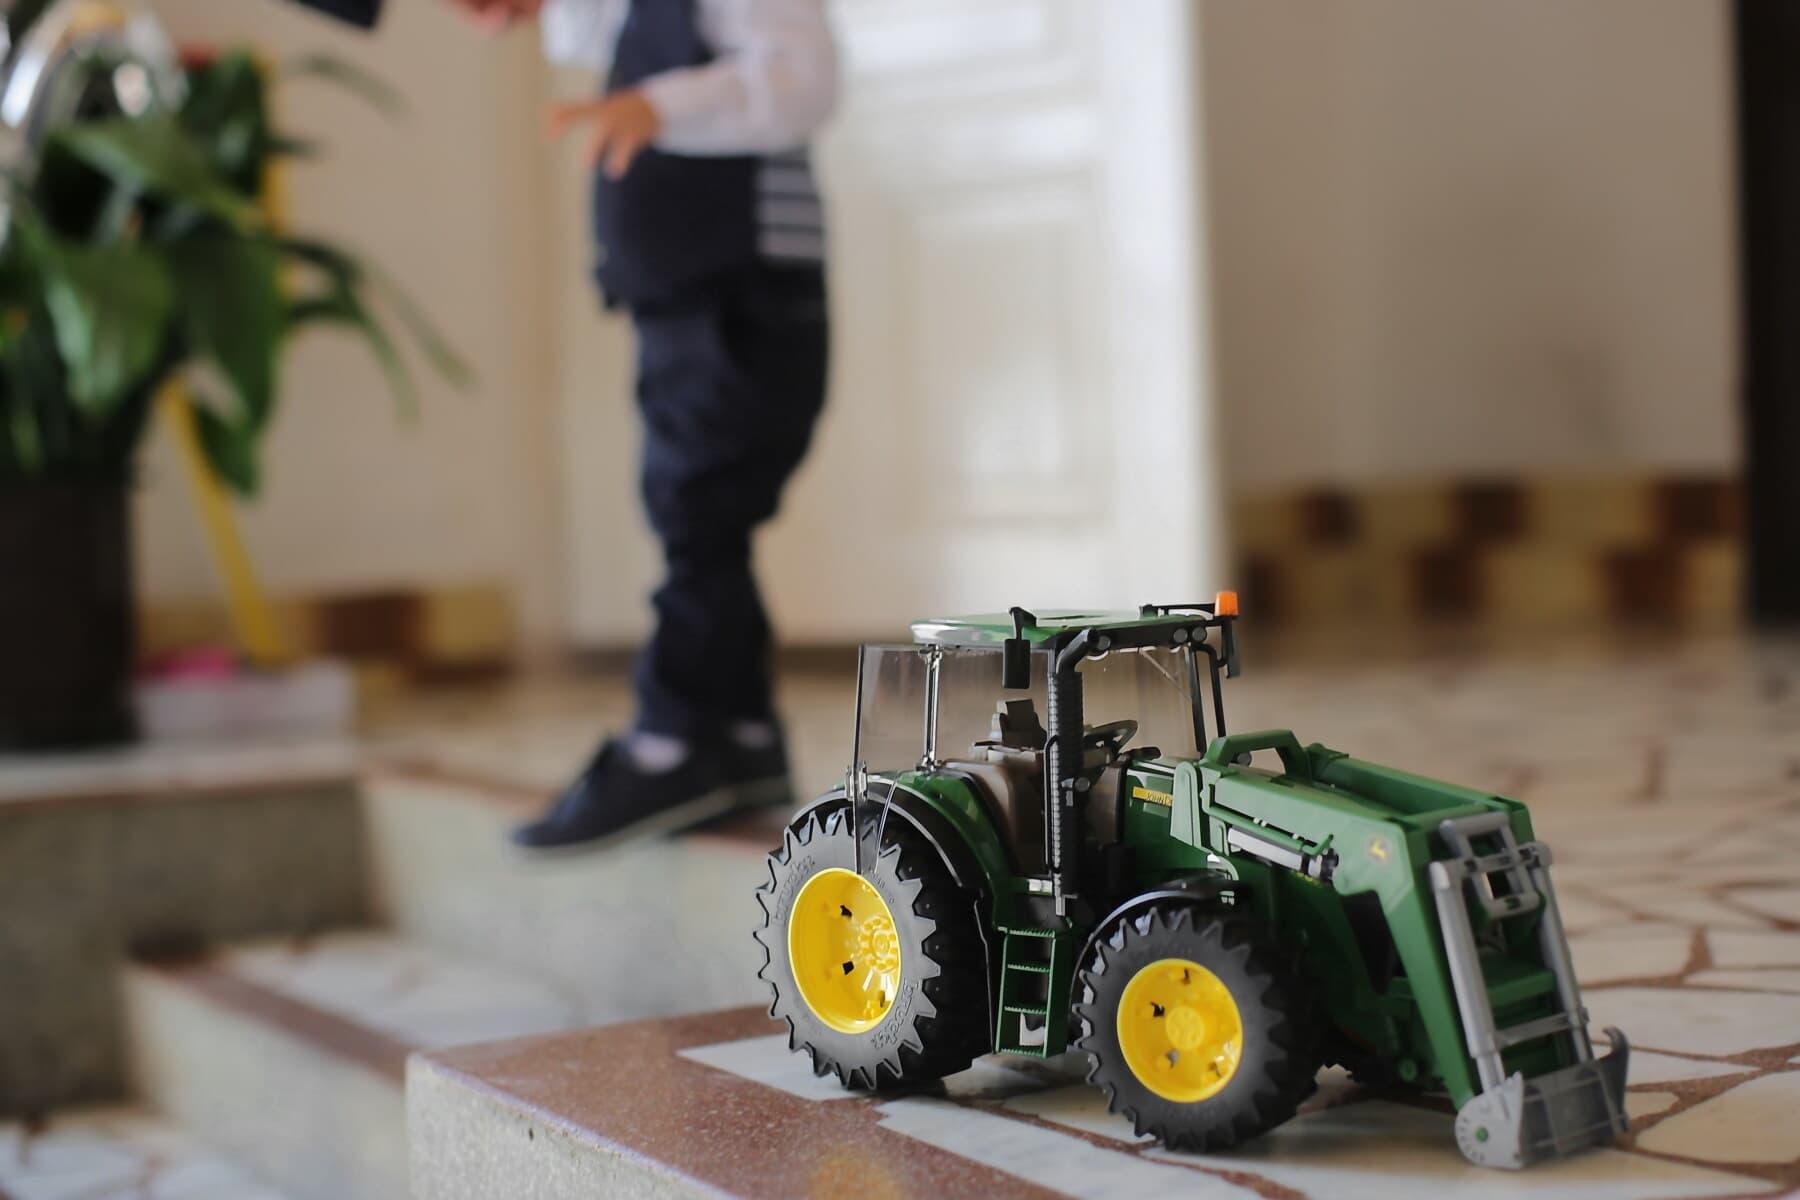 jouet, véhicule, tracteur, enfant en bas âge, garçon, à l'intérieur, machines, brouiller, enfant, machine